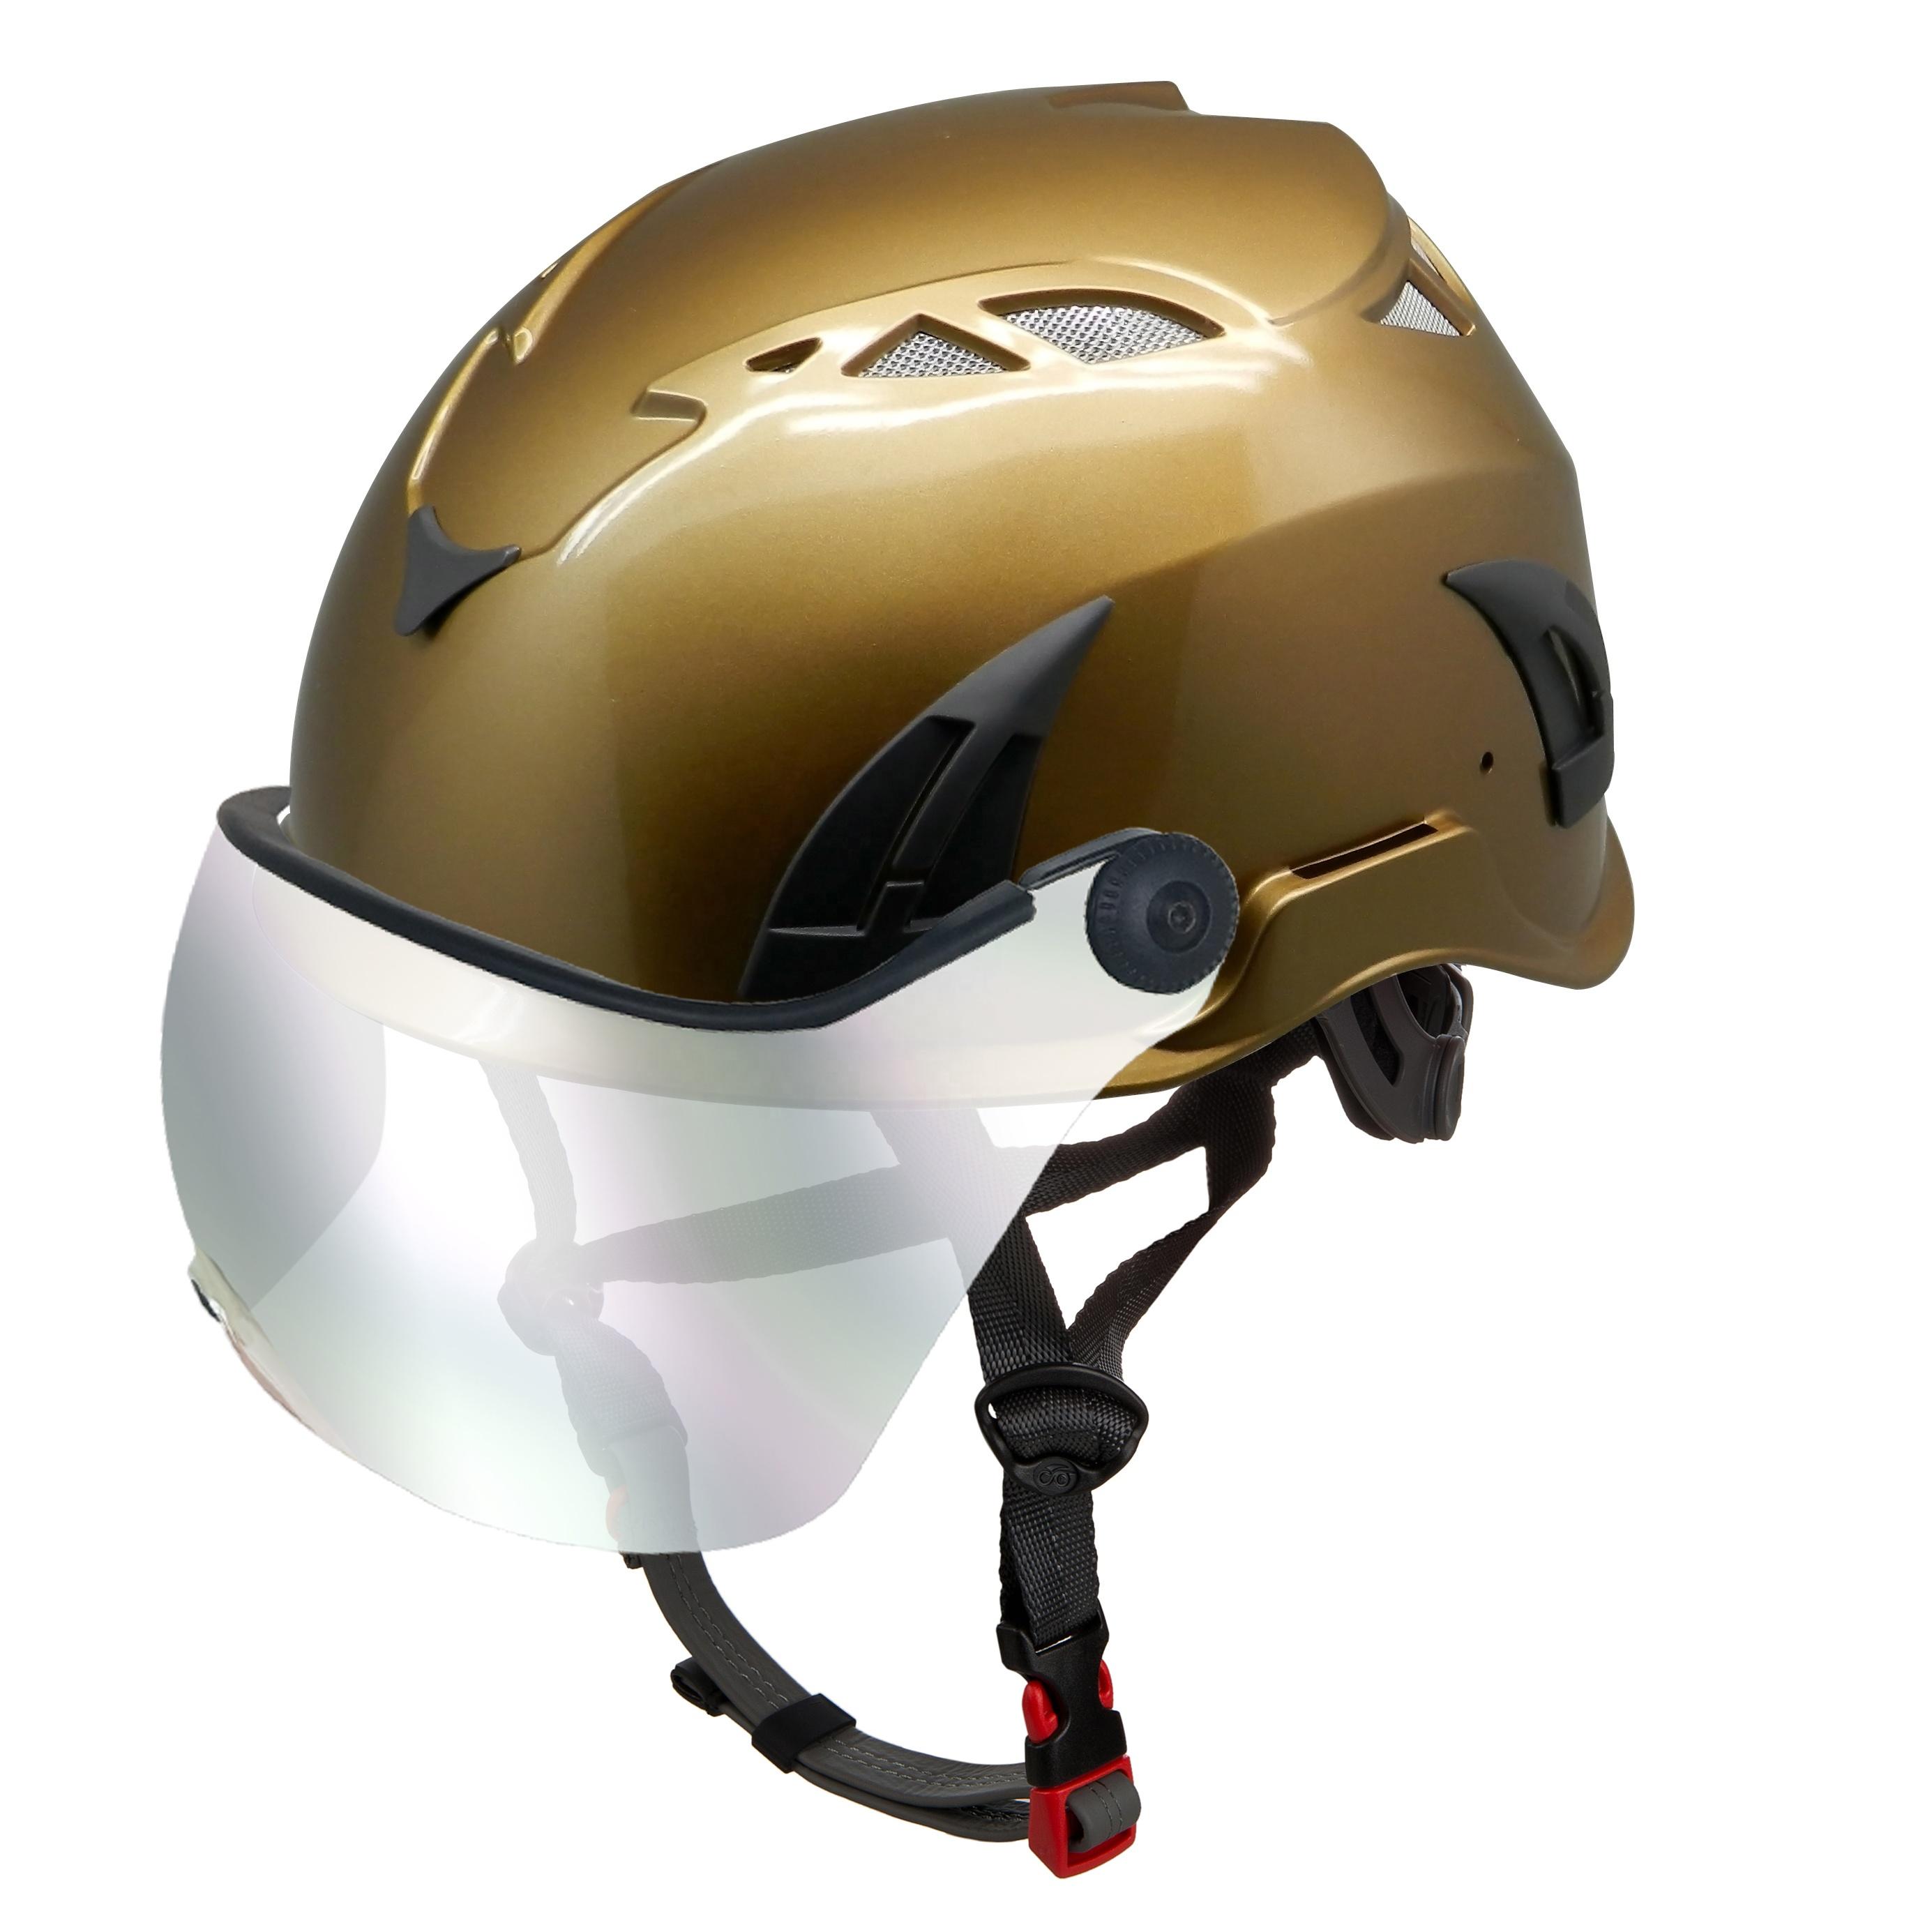 Rock-climbing-helmet-for-sale-with-EN